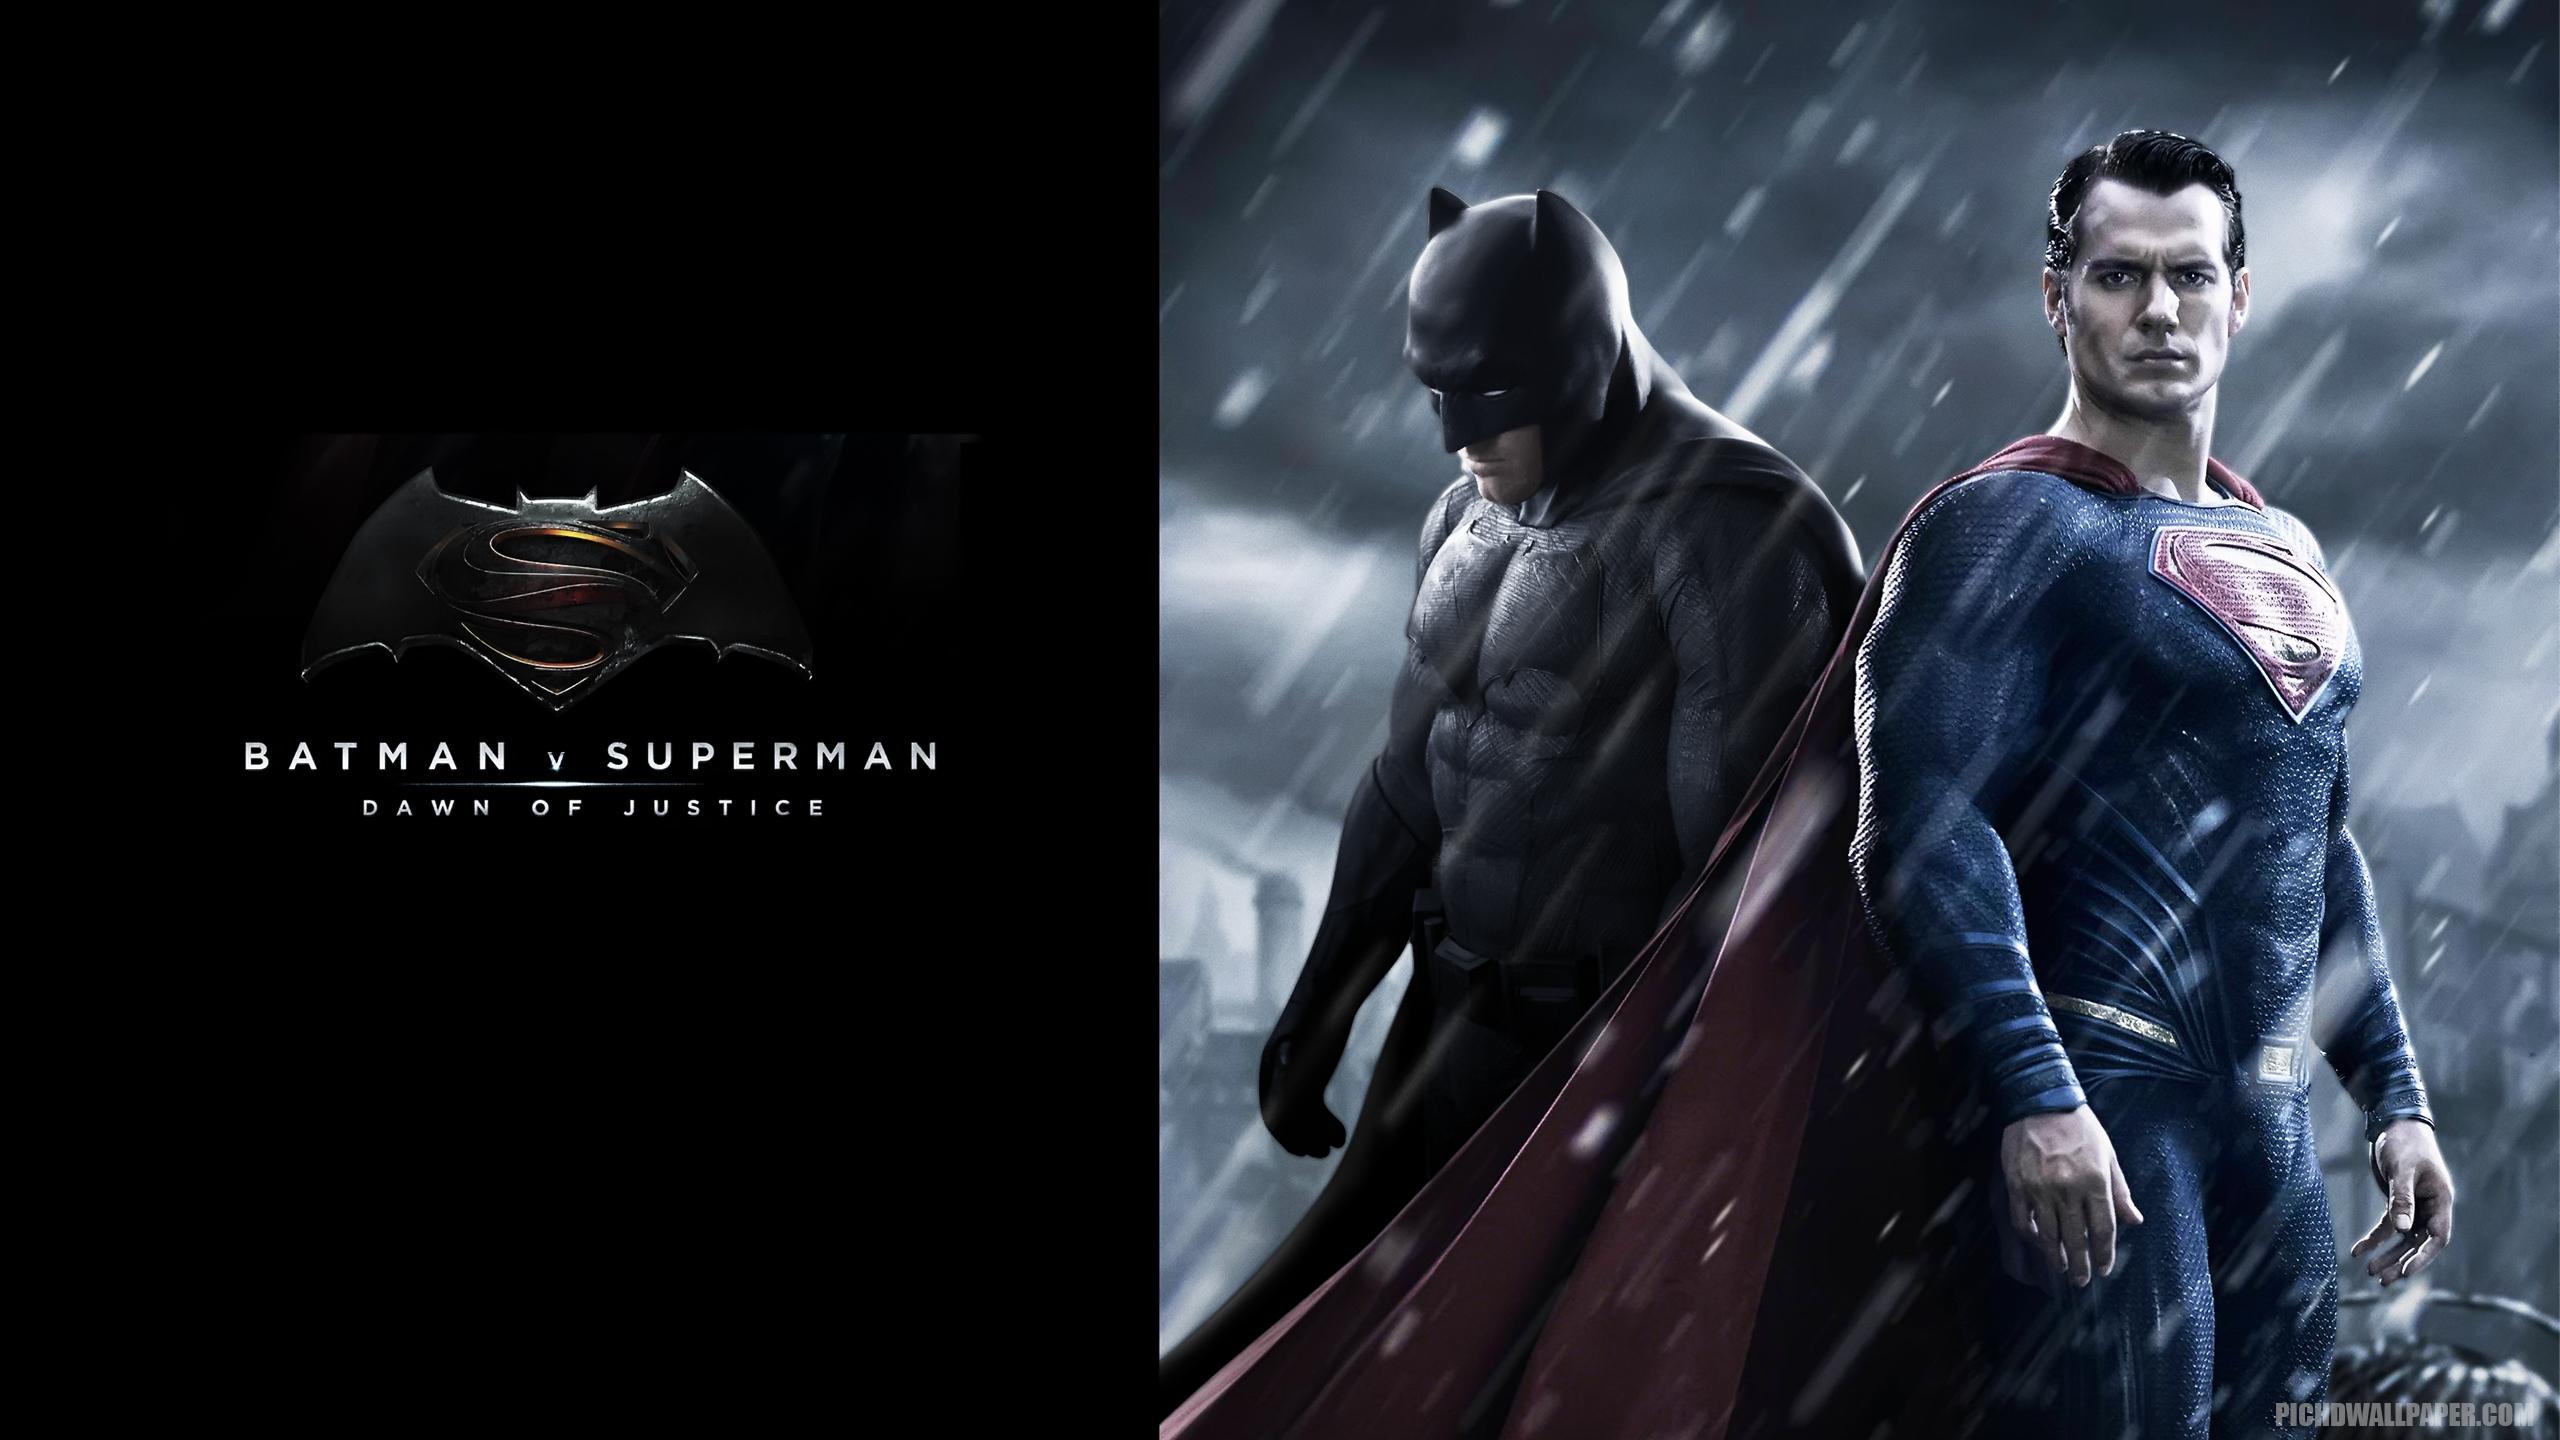 Batman vs Superman Dawn of Justice Desktop HD Wallpaper 2560x1440